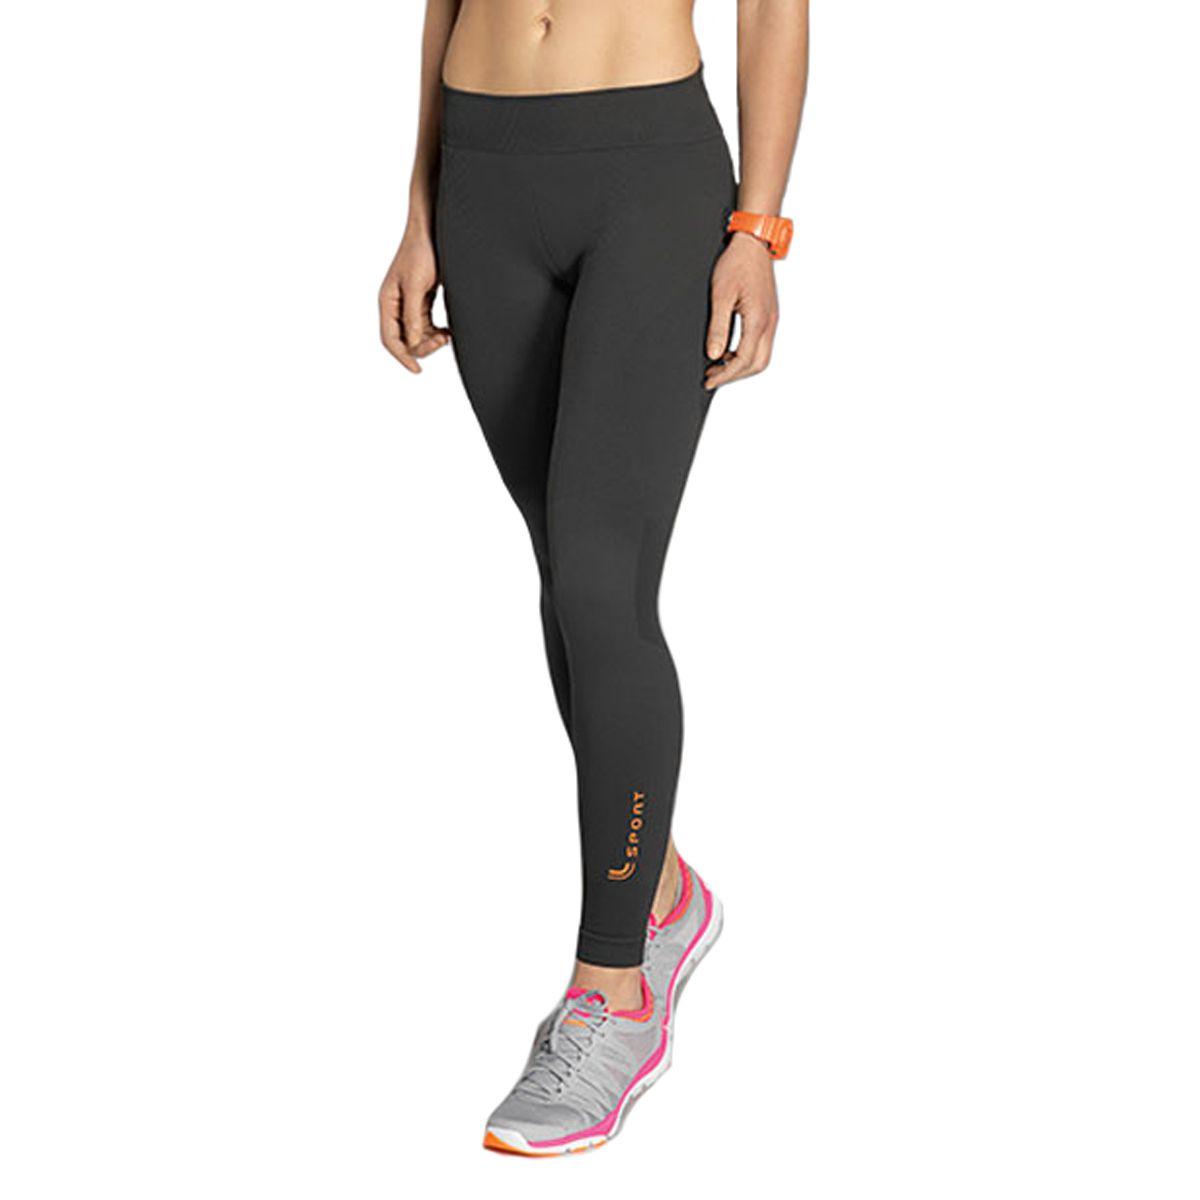 Calça legging emana sustentação fitness academia ginástica roupa feminina Lupo